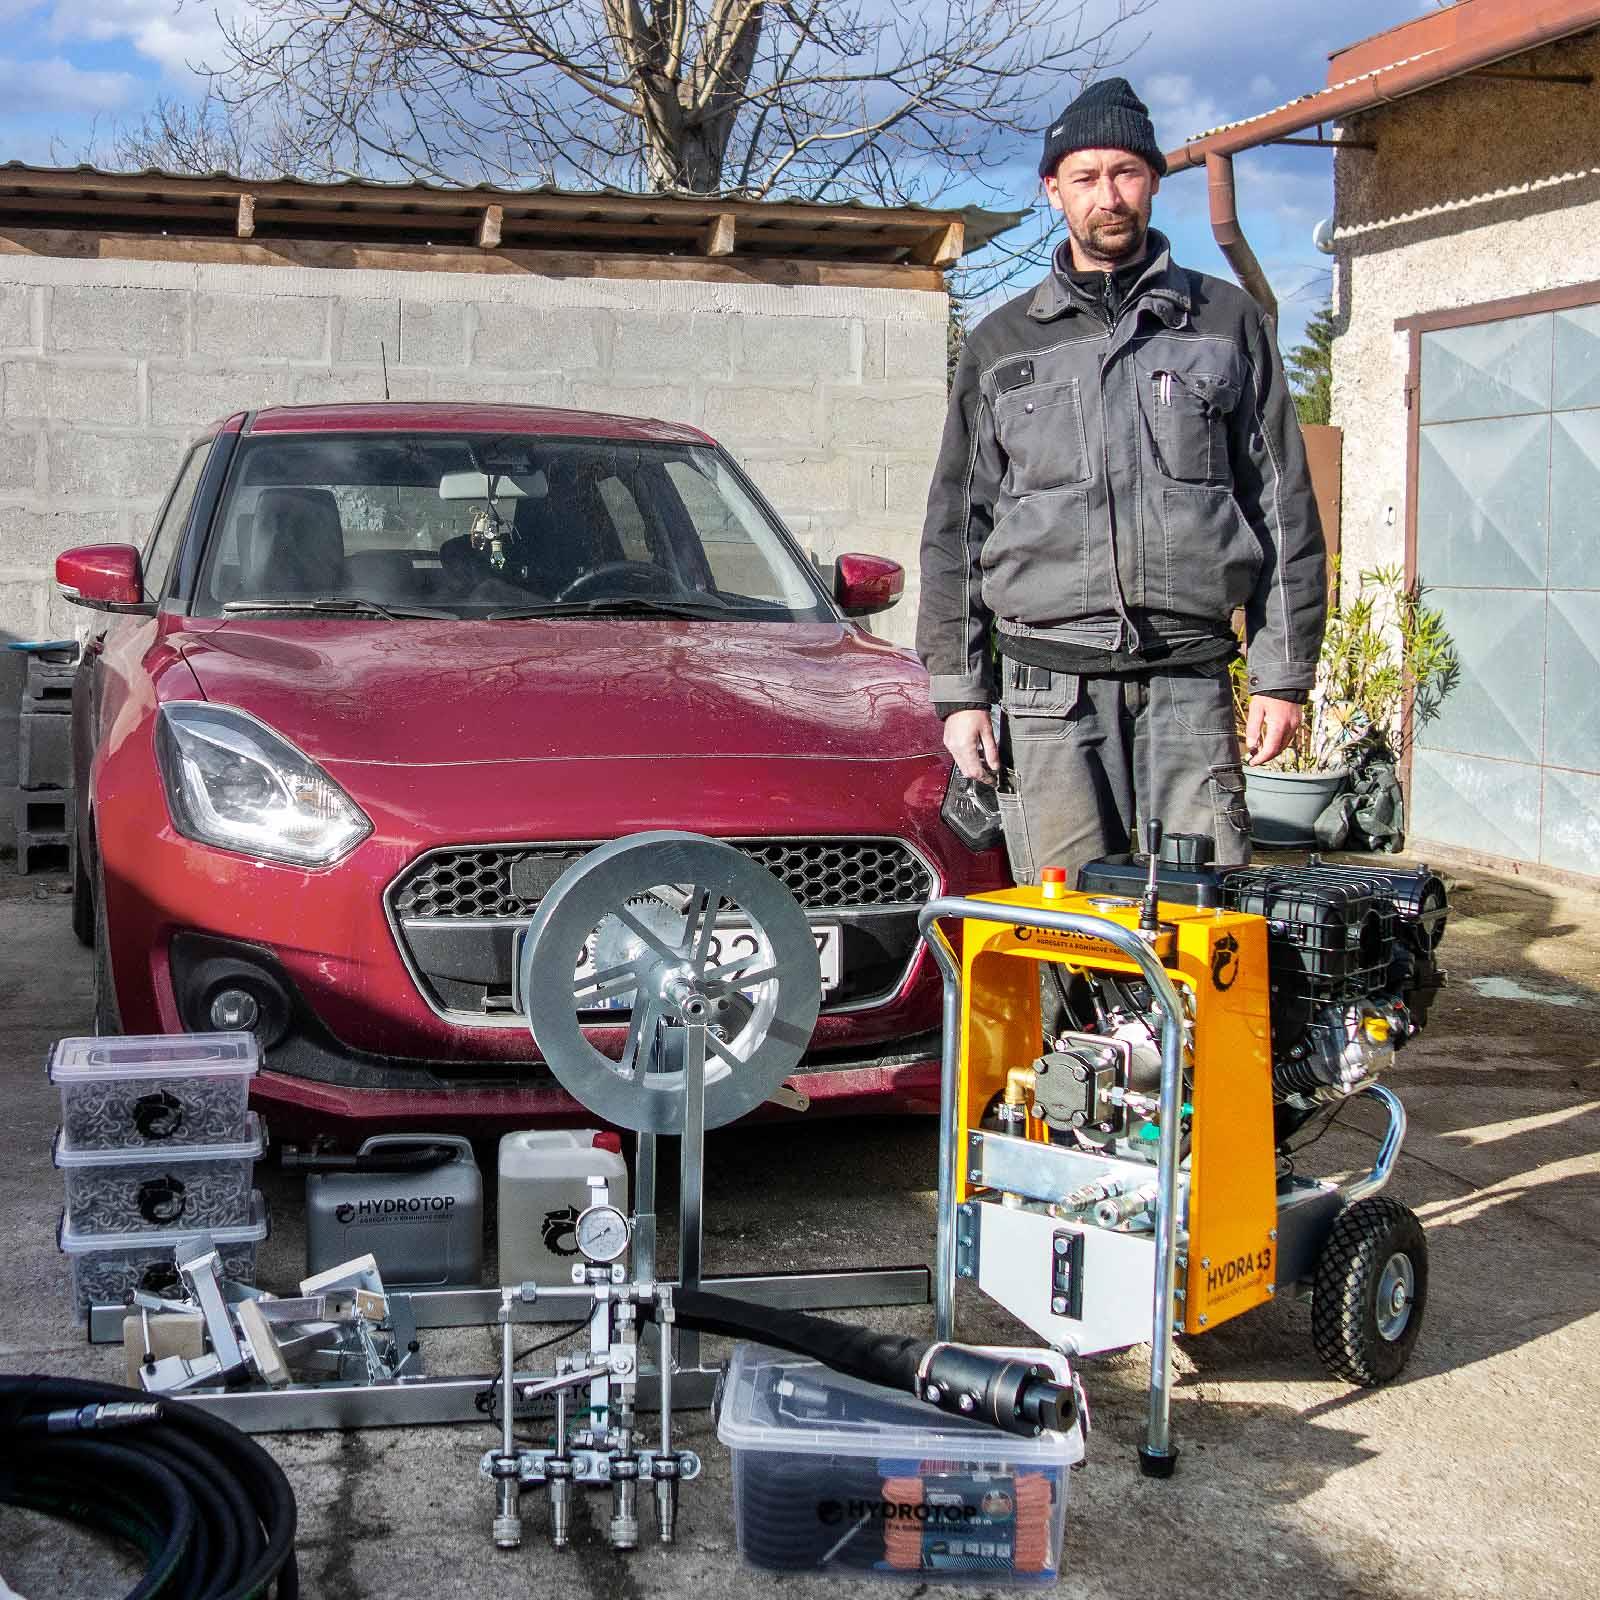 Peter Žilka z Komivy je pán HYDRY a může frézovat komíny na Slovensku